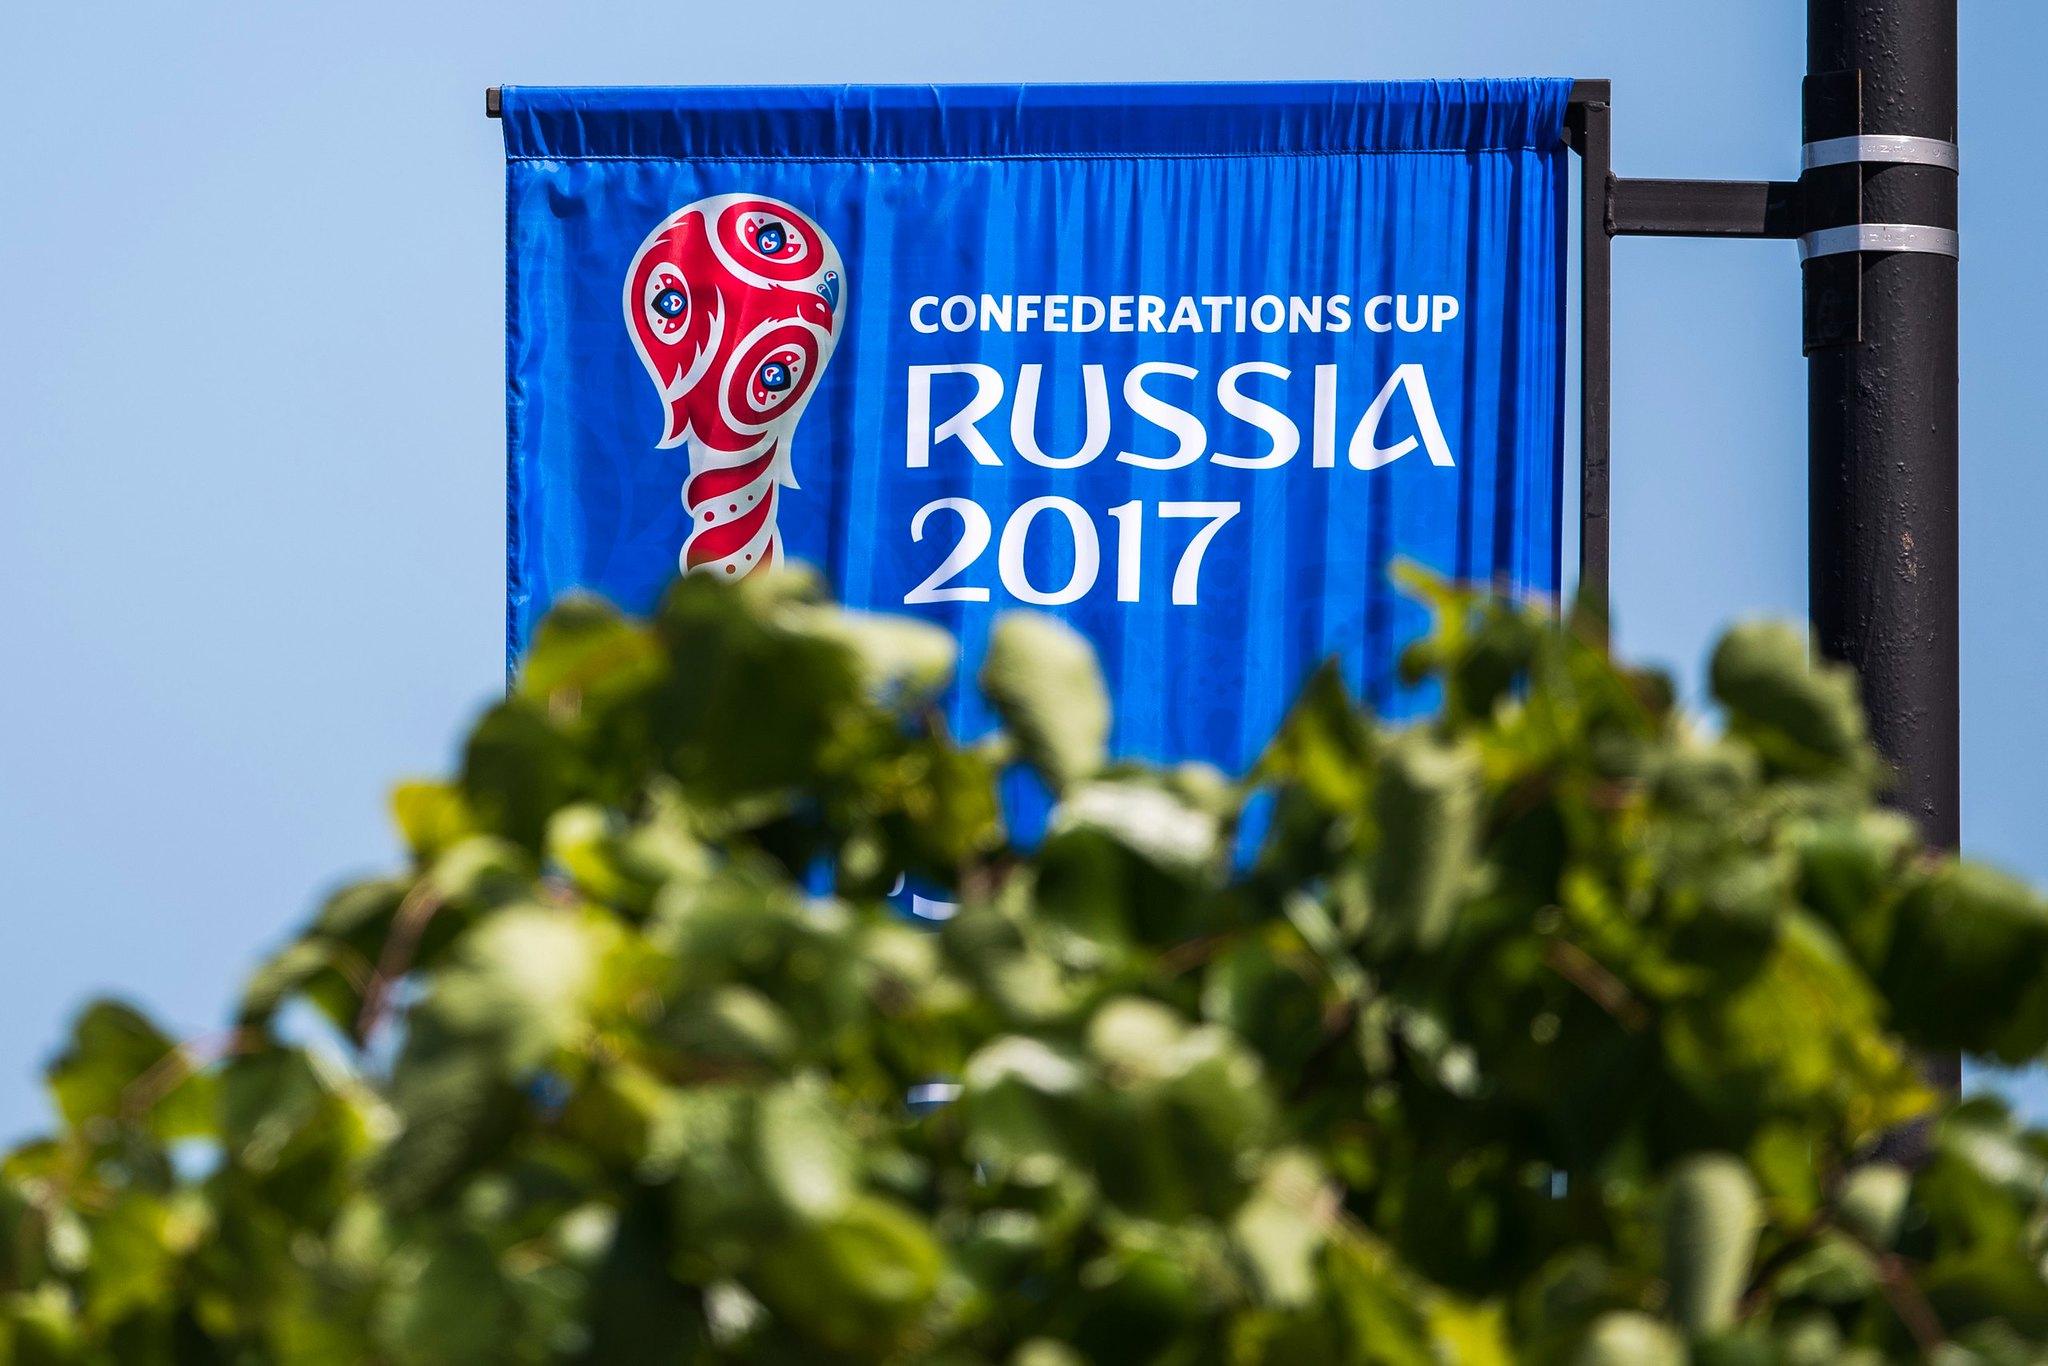 Confederation Cup Calendario.Russia Fifa Confederations Cup 2017 Pagina 2